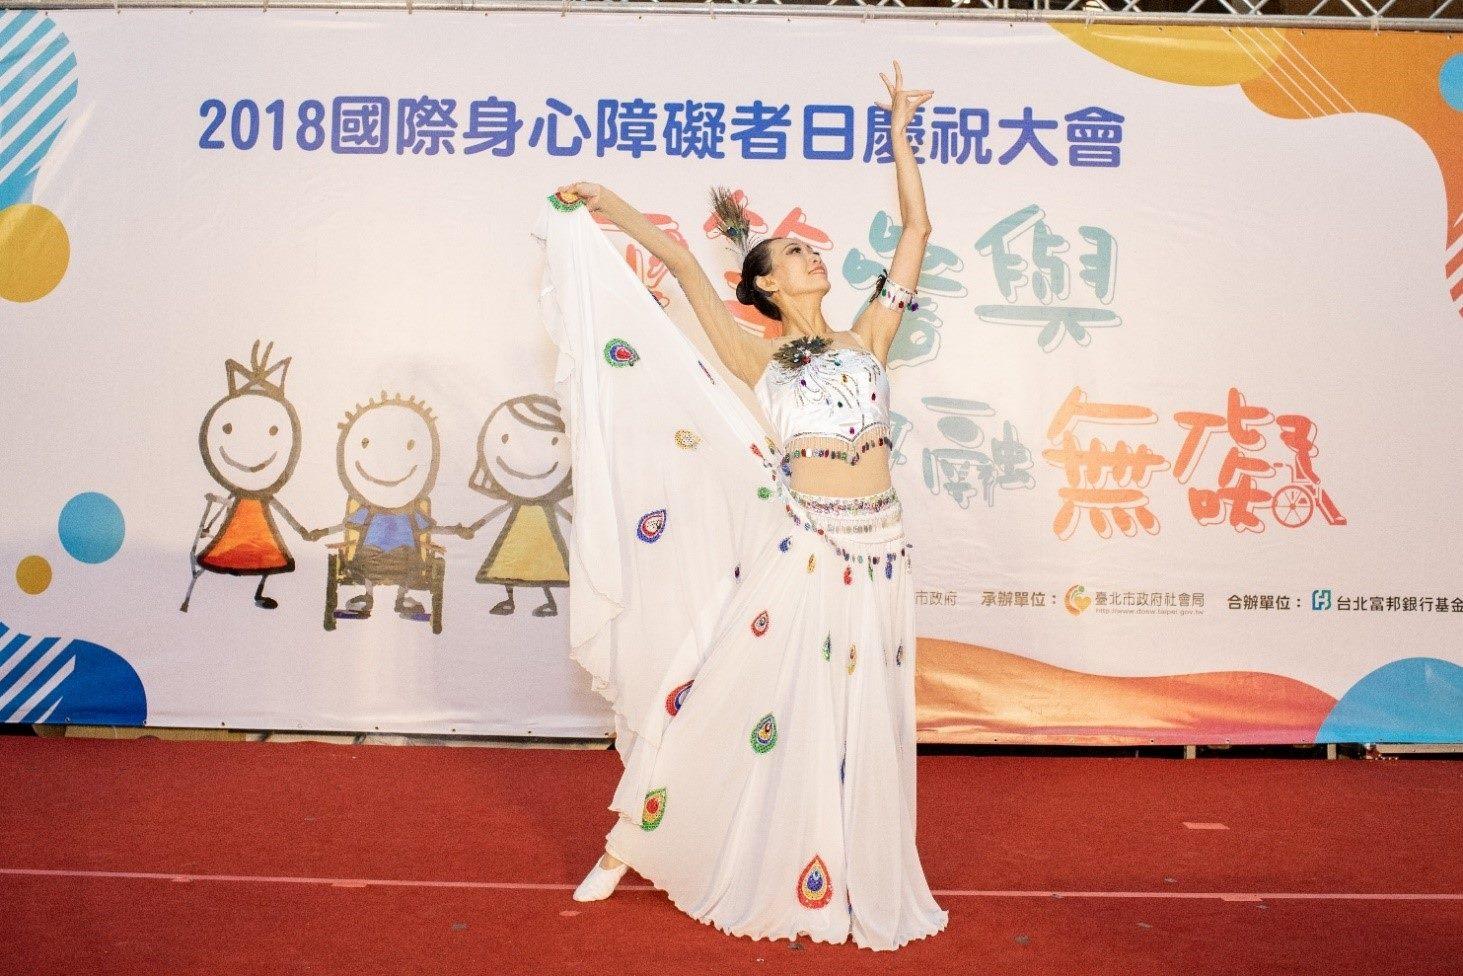 富邦愛無限樂團-林儀珊帶來華麗優雅的孔雀舞